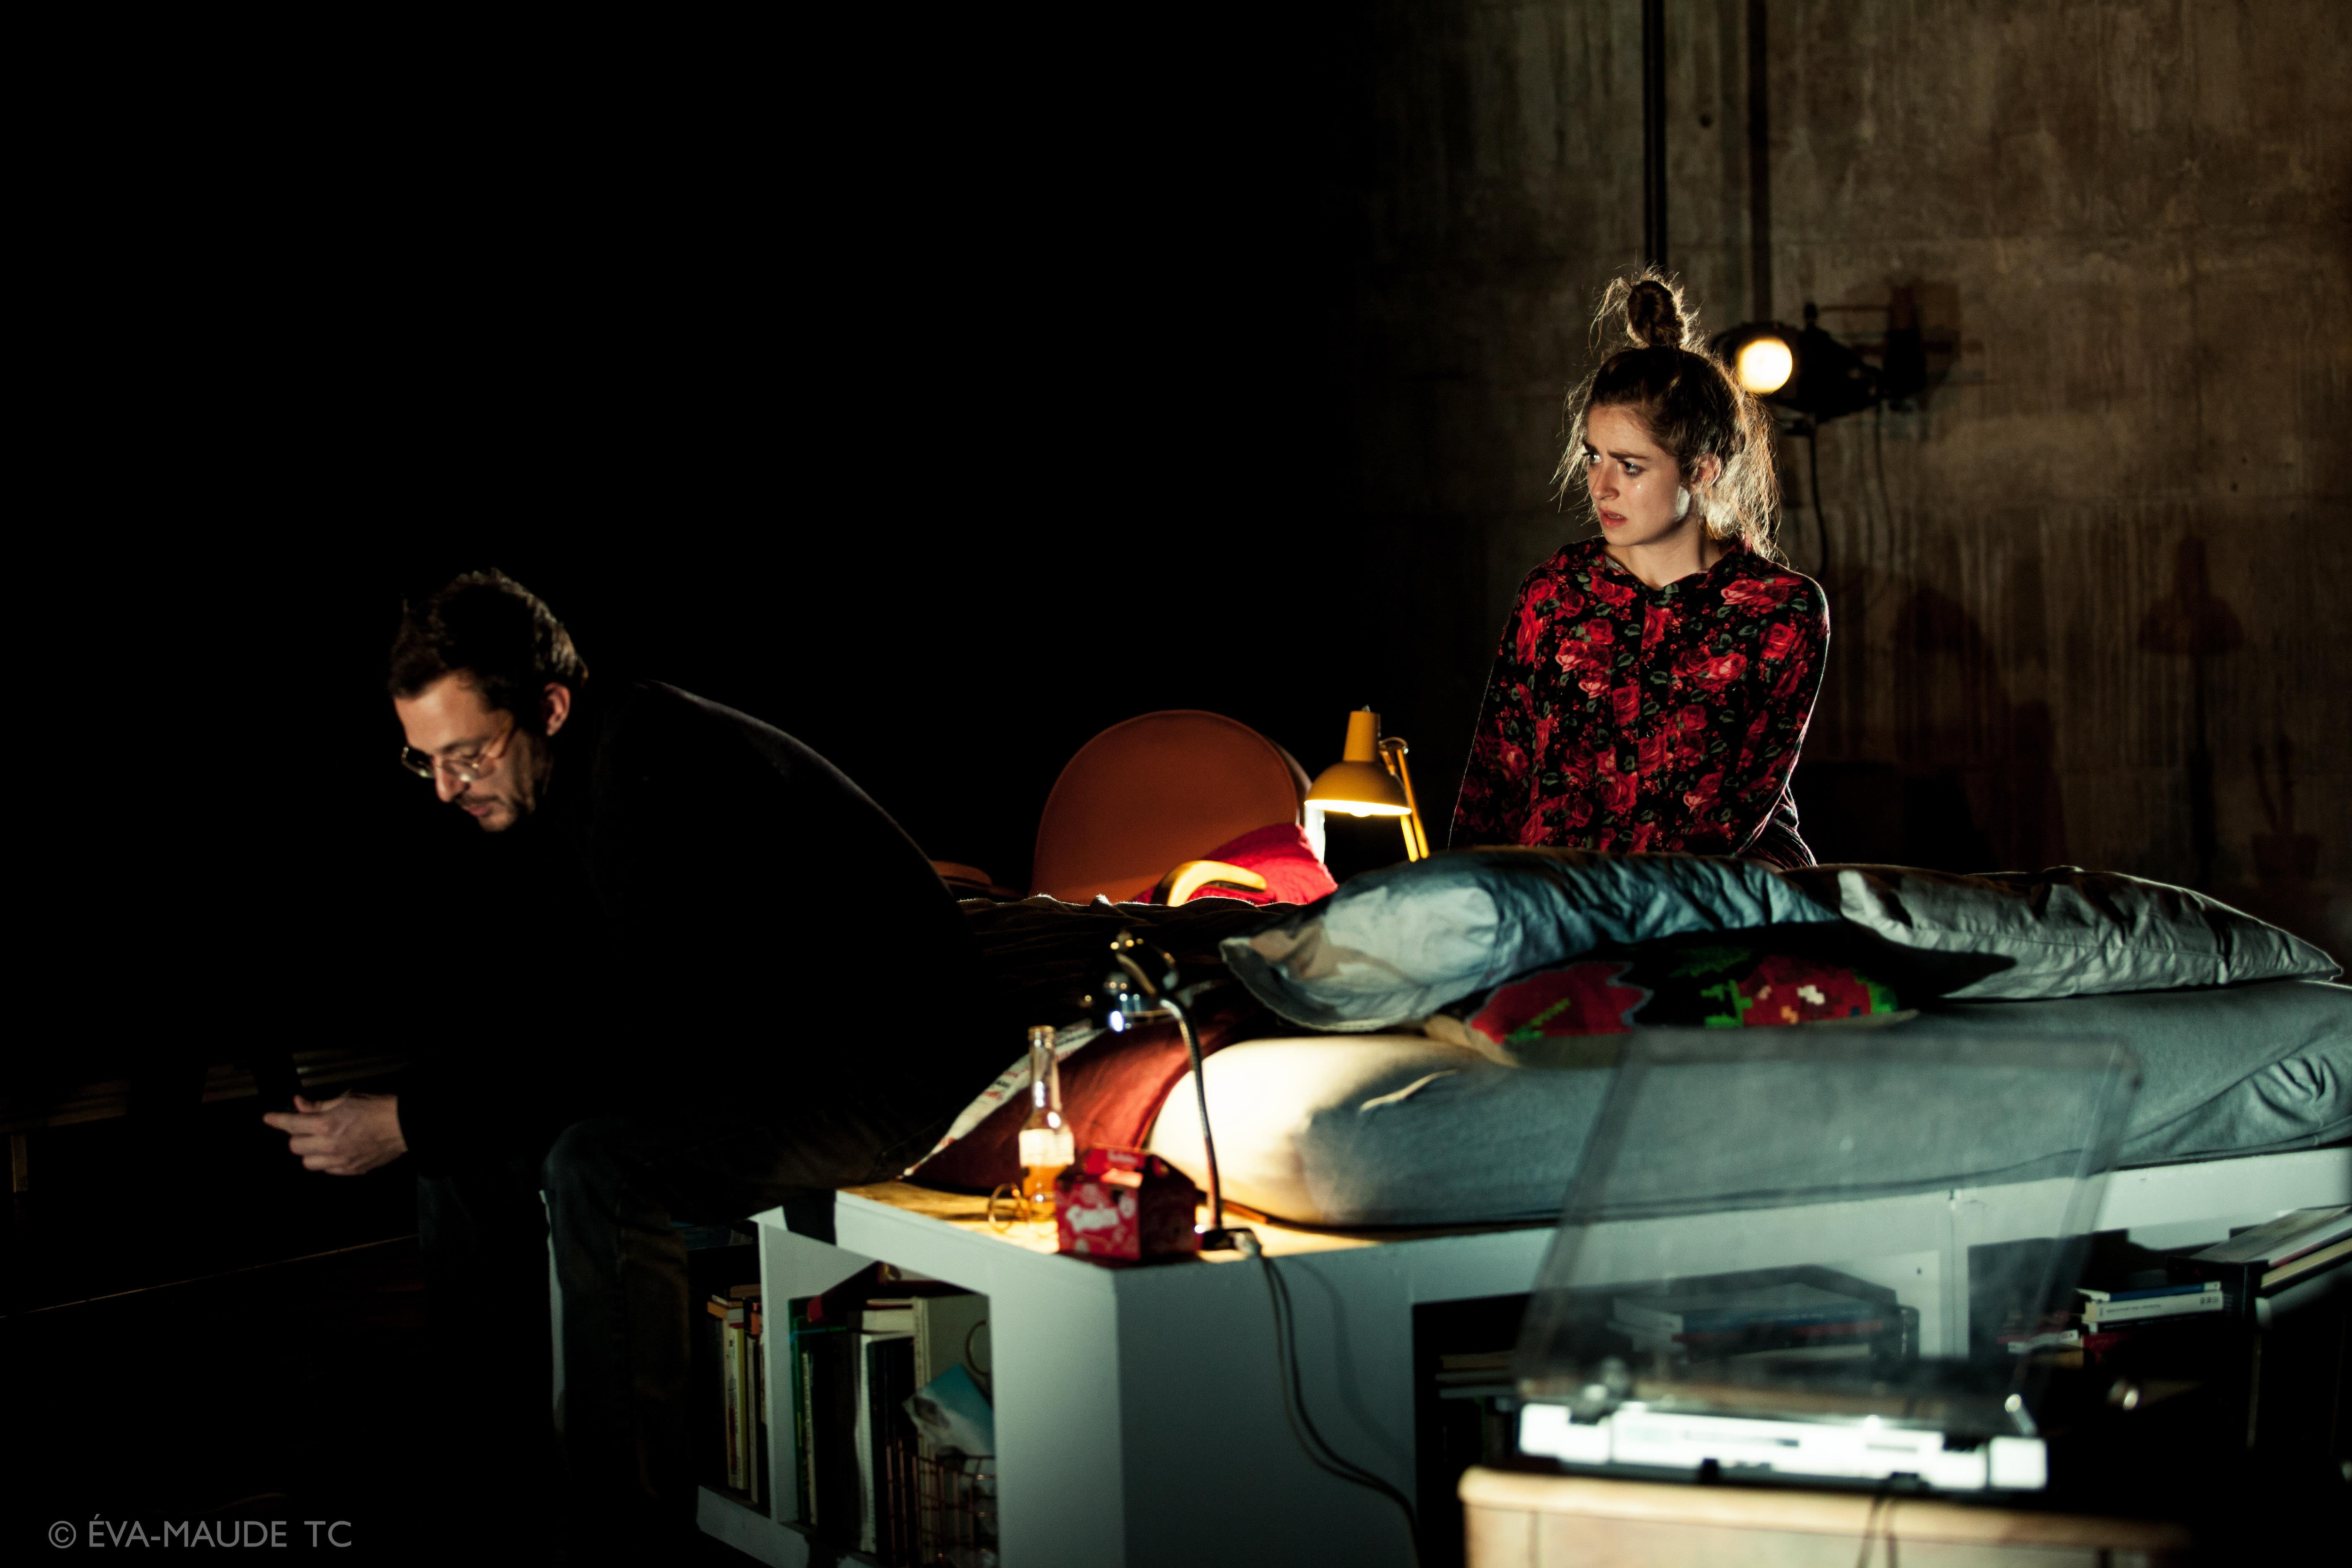 Un homme est assis au bout d'un lit, il regarde son téléphone dans ses mains, alors qu'une femme à genoux sur le lit le regarde.